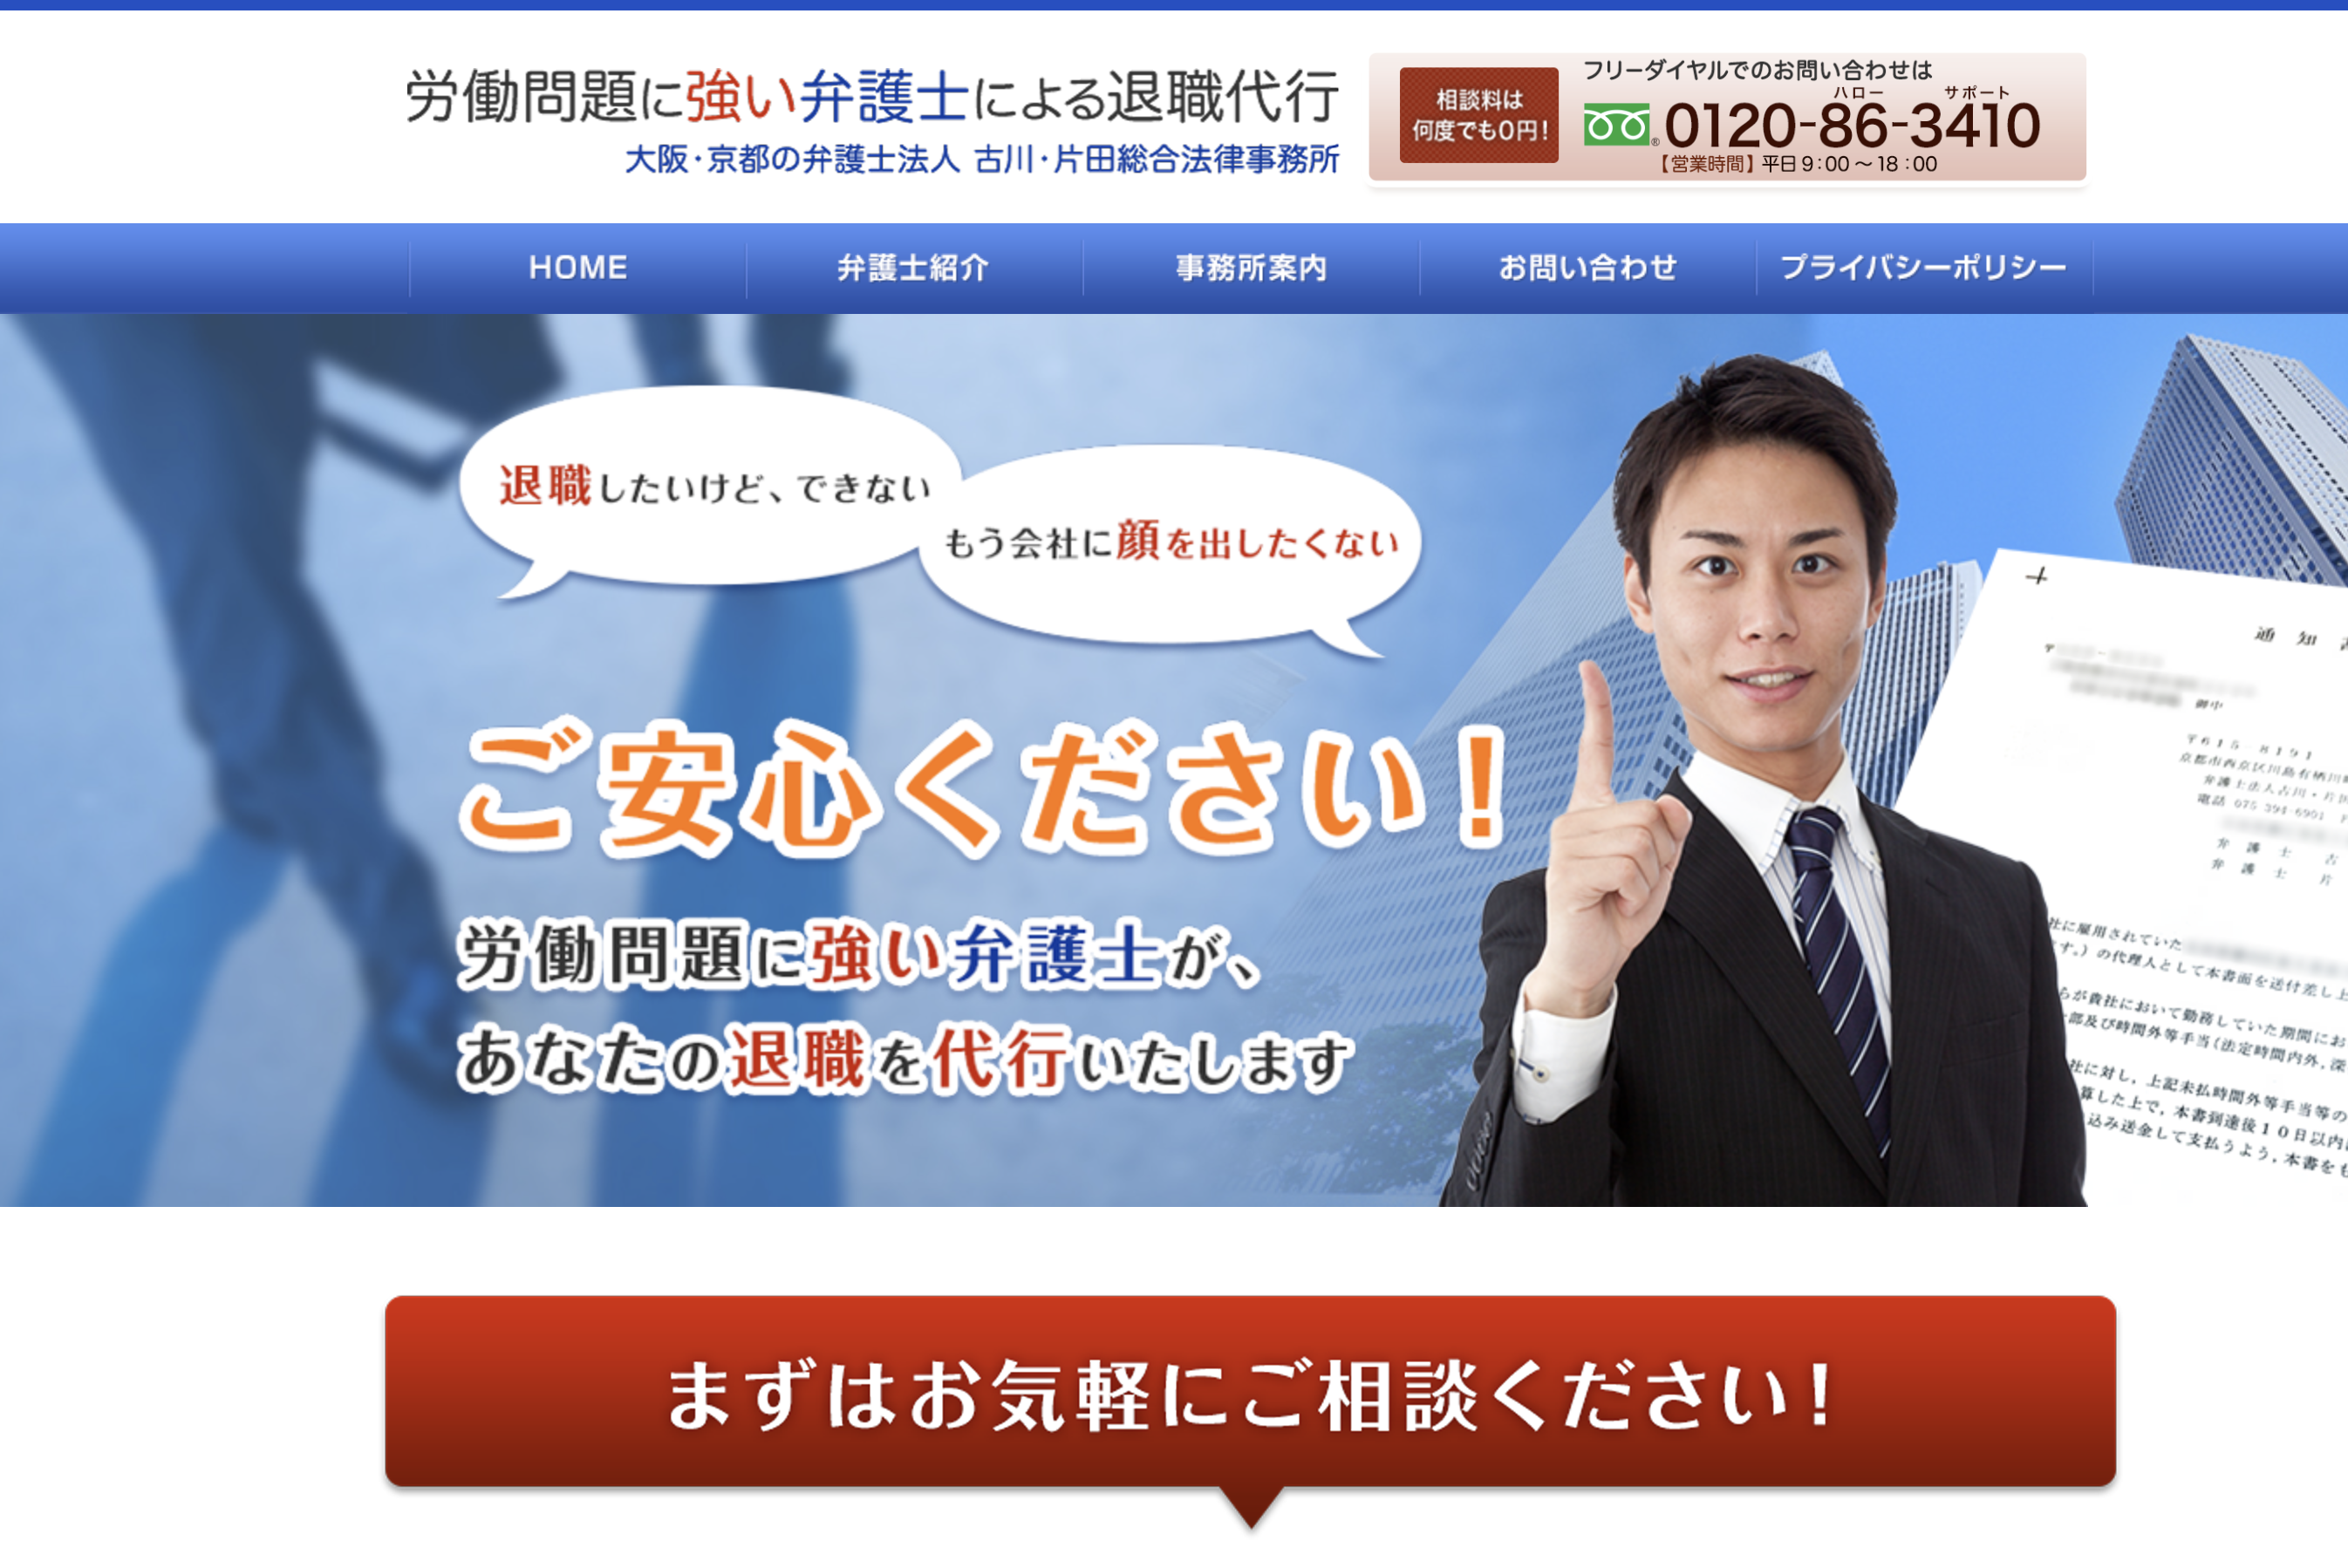 古川・片田総合法律事務所